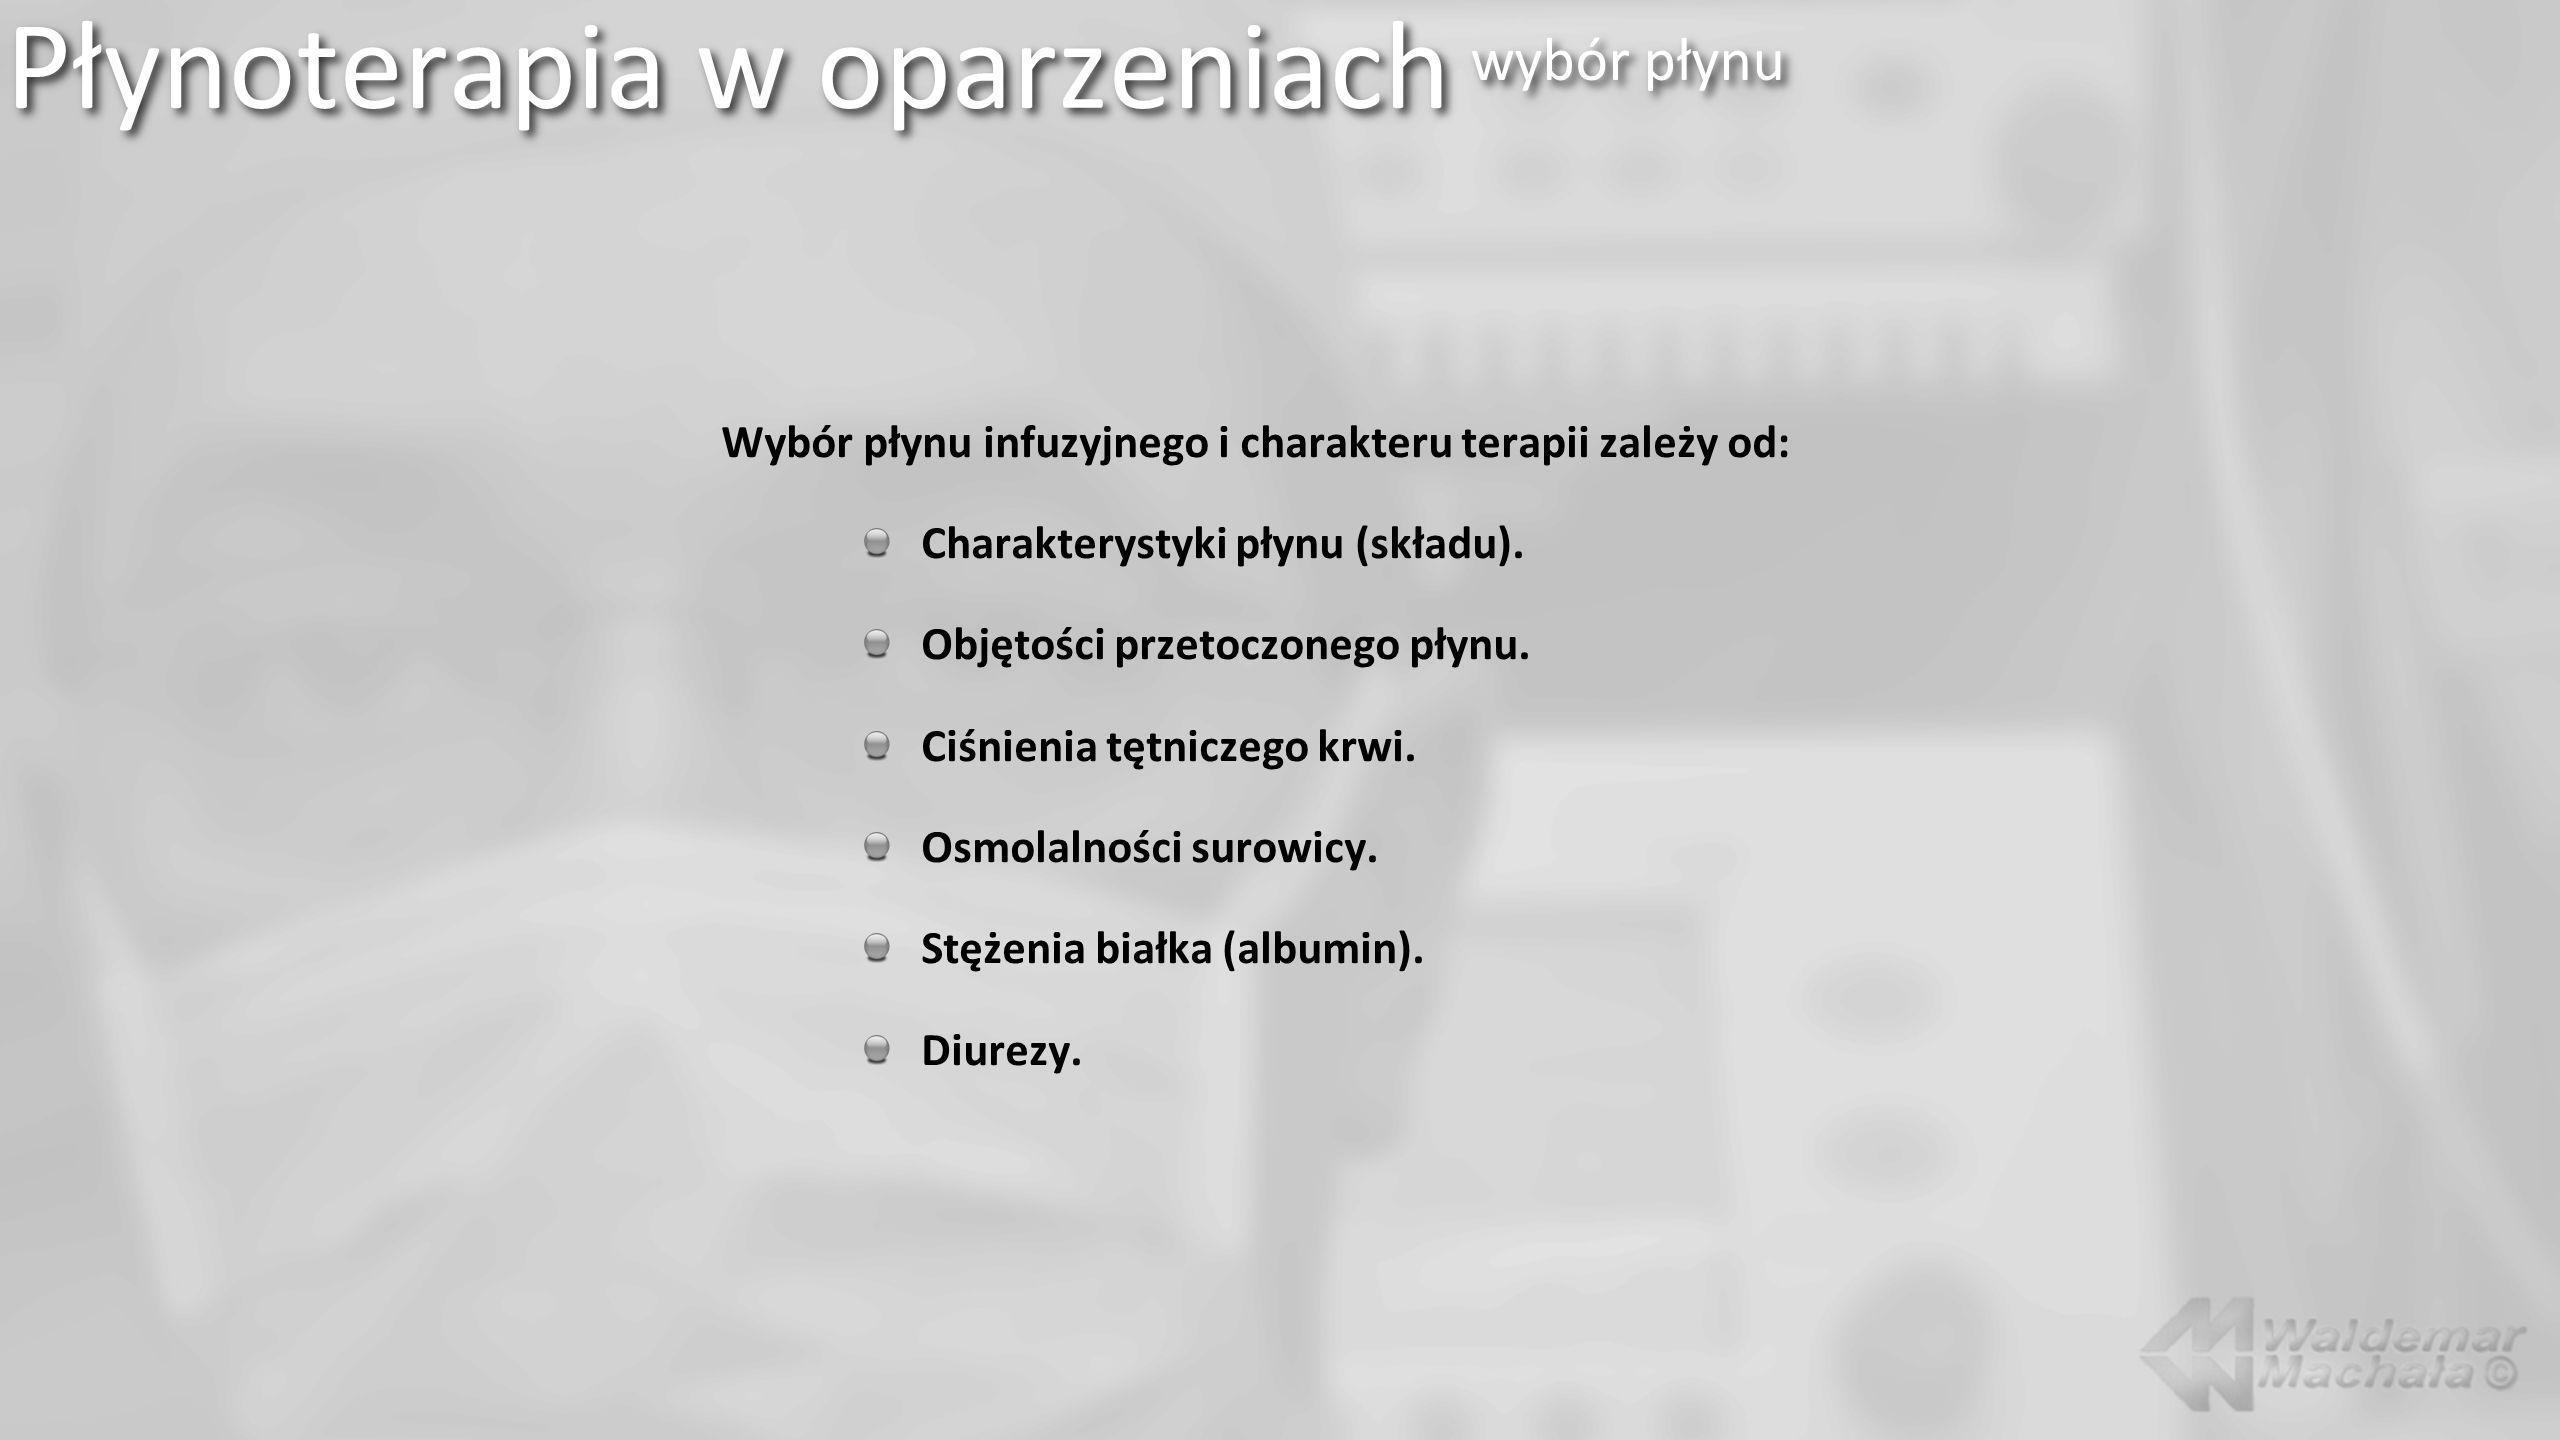 Płynoterapia w oparzeniach wybór płynu